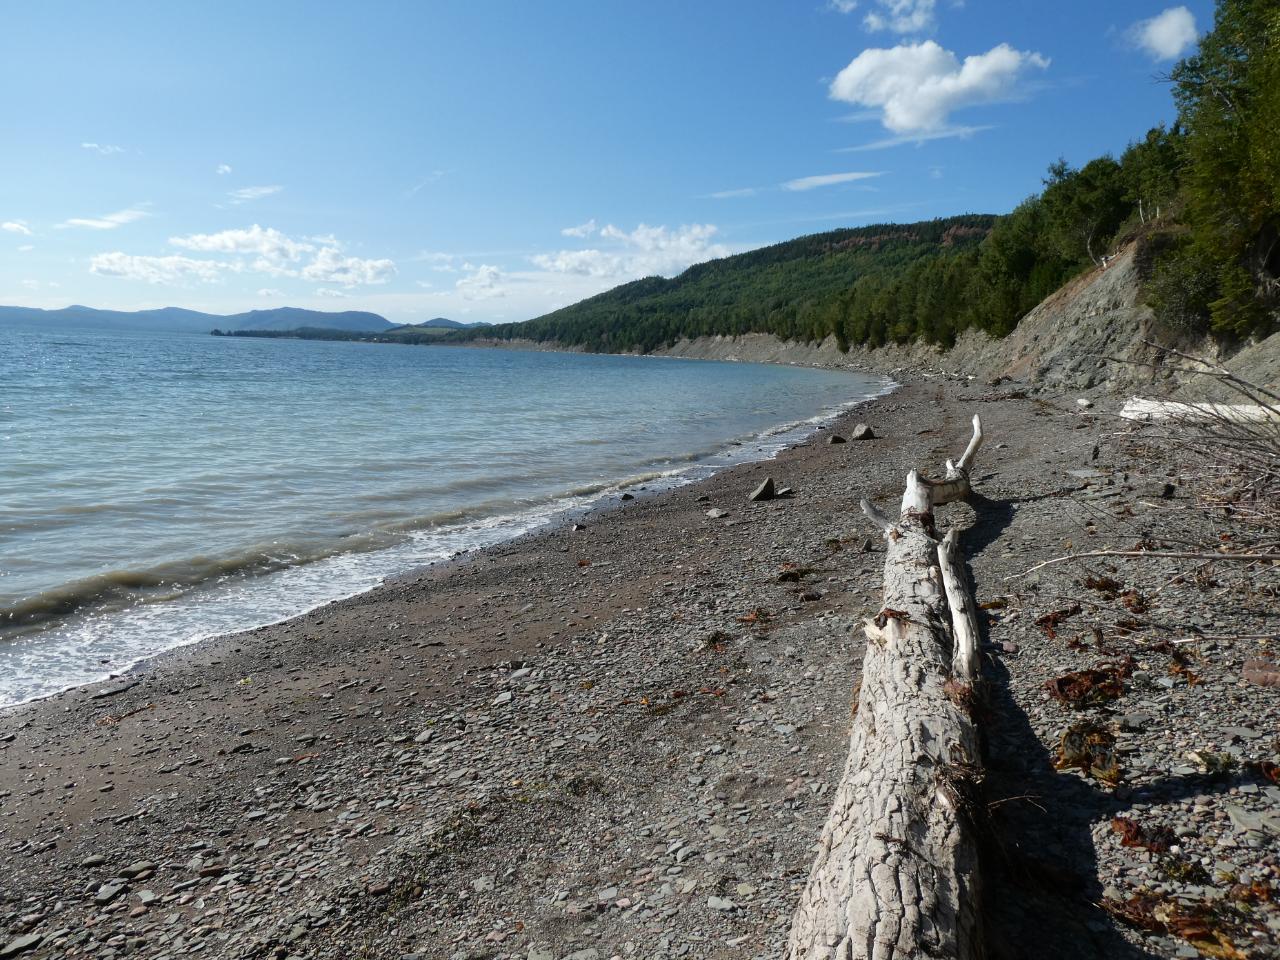 Photo 1: Parc National de Miguasha, sur la trace de nos ancêtres, Gaspésie